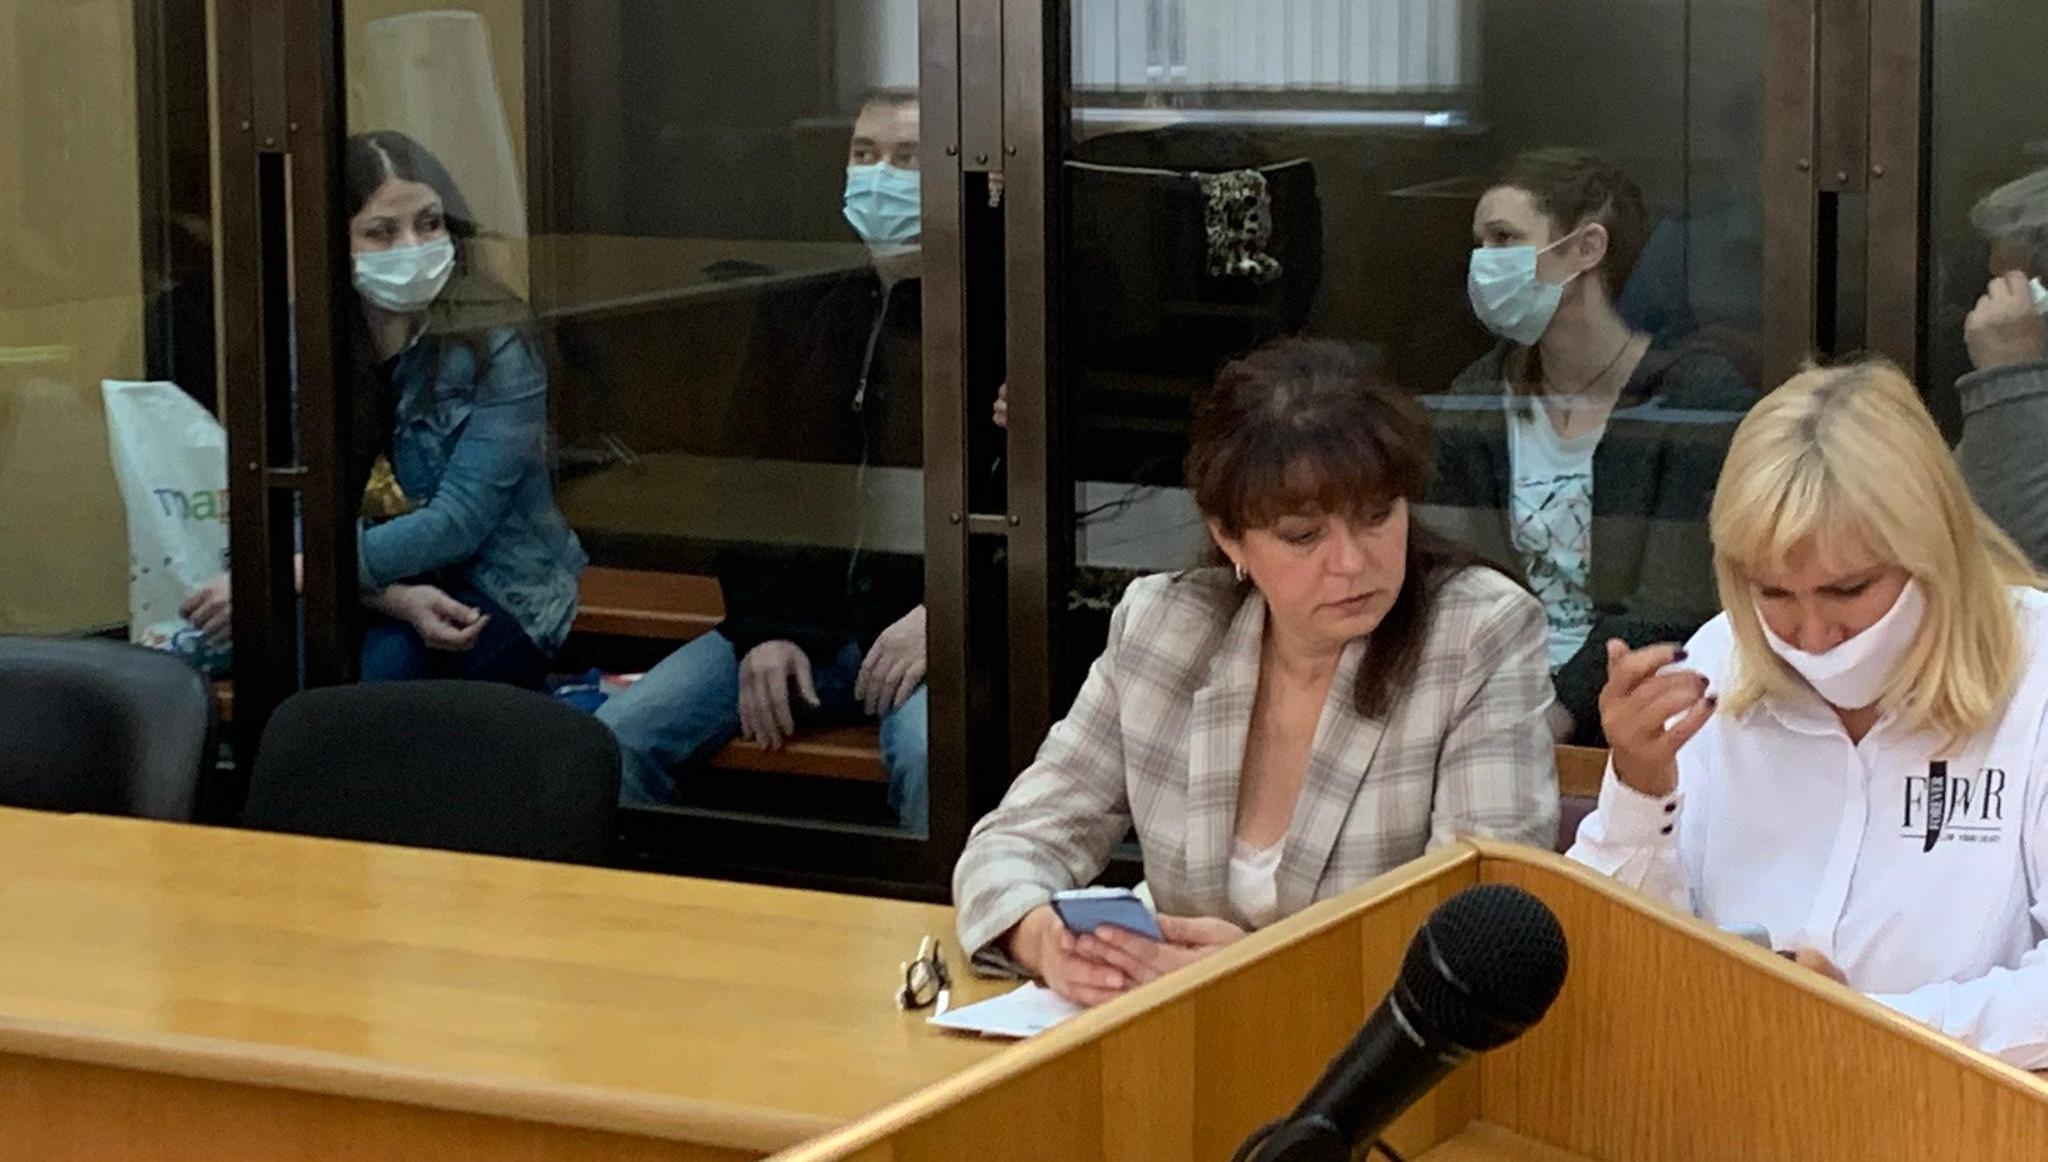 Оставлен без изменения приговор по делу «черных риелторов», вынесенный в Тверской области - новости Афанасий